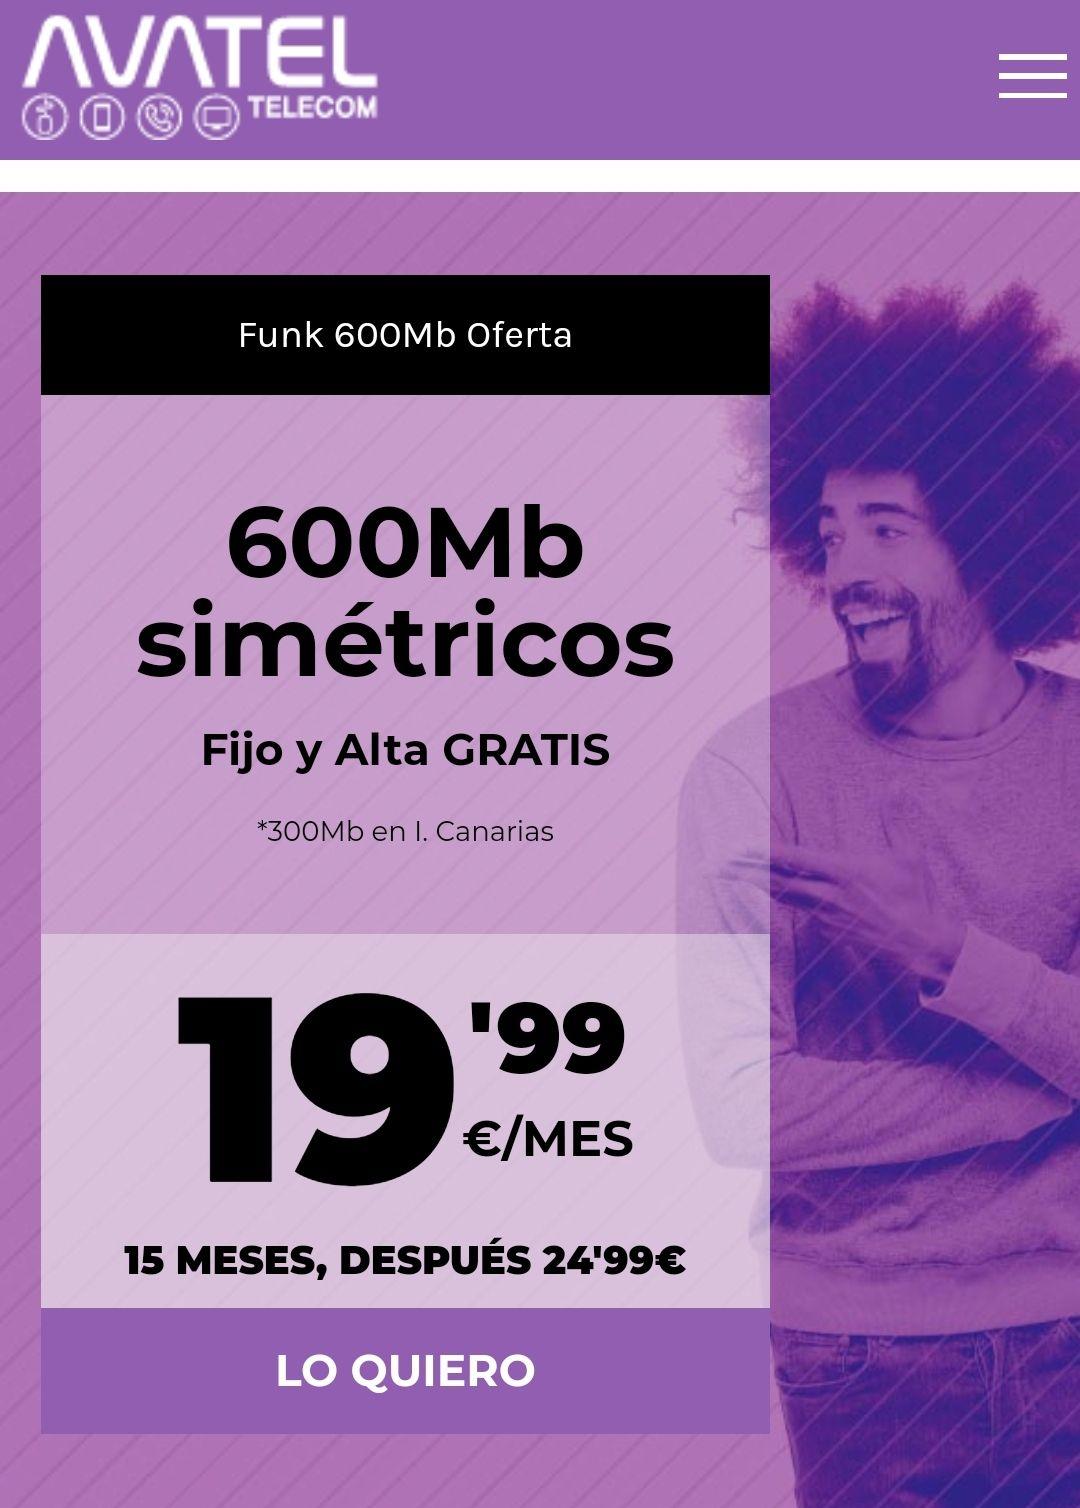 Fibra 600Mb simétricos por 19,99€ y alta gratis!